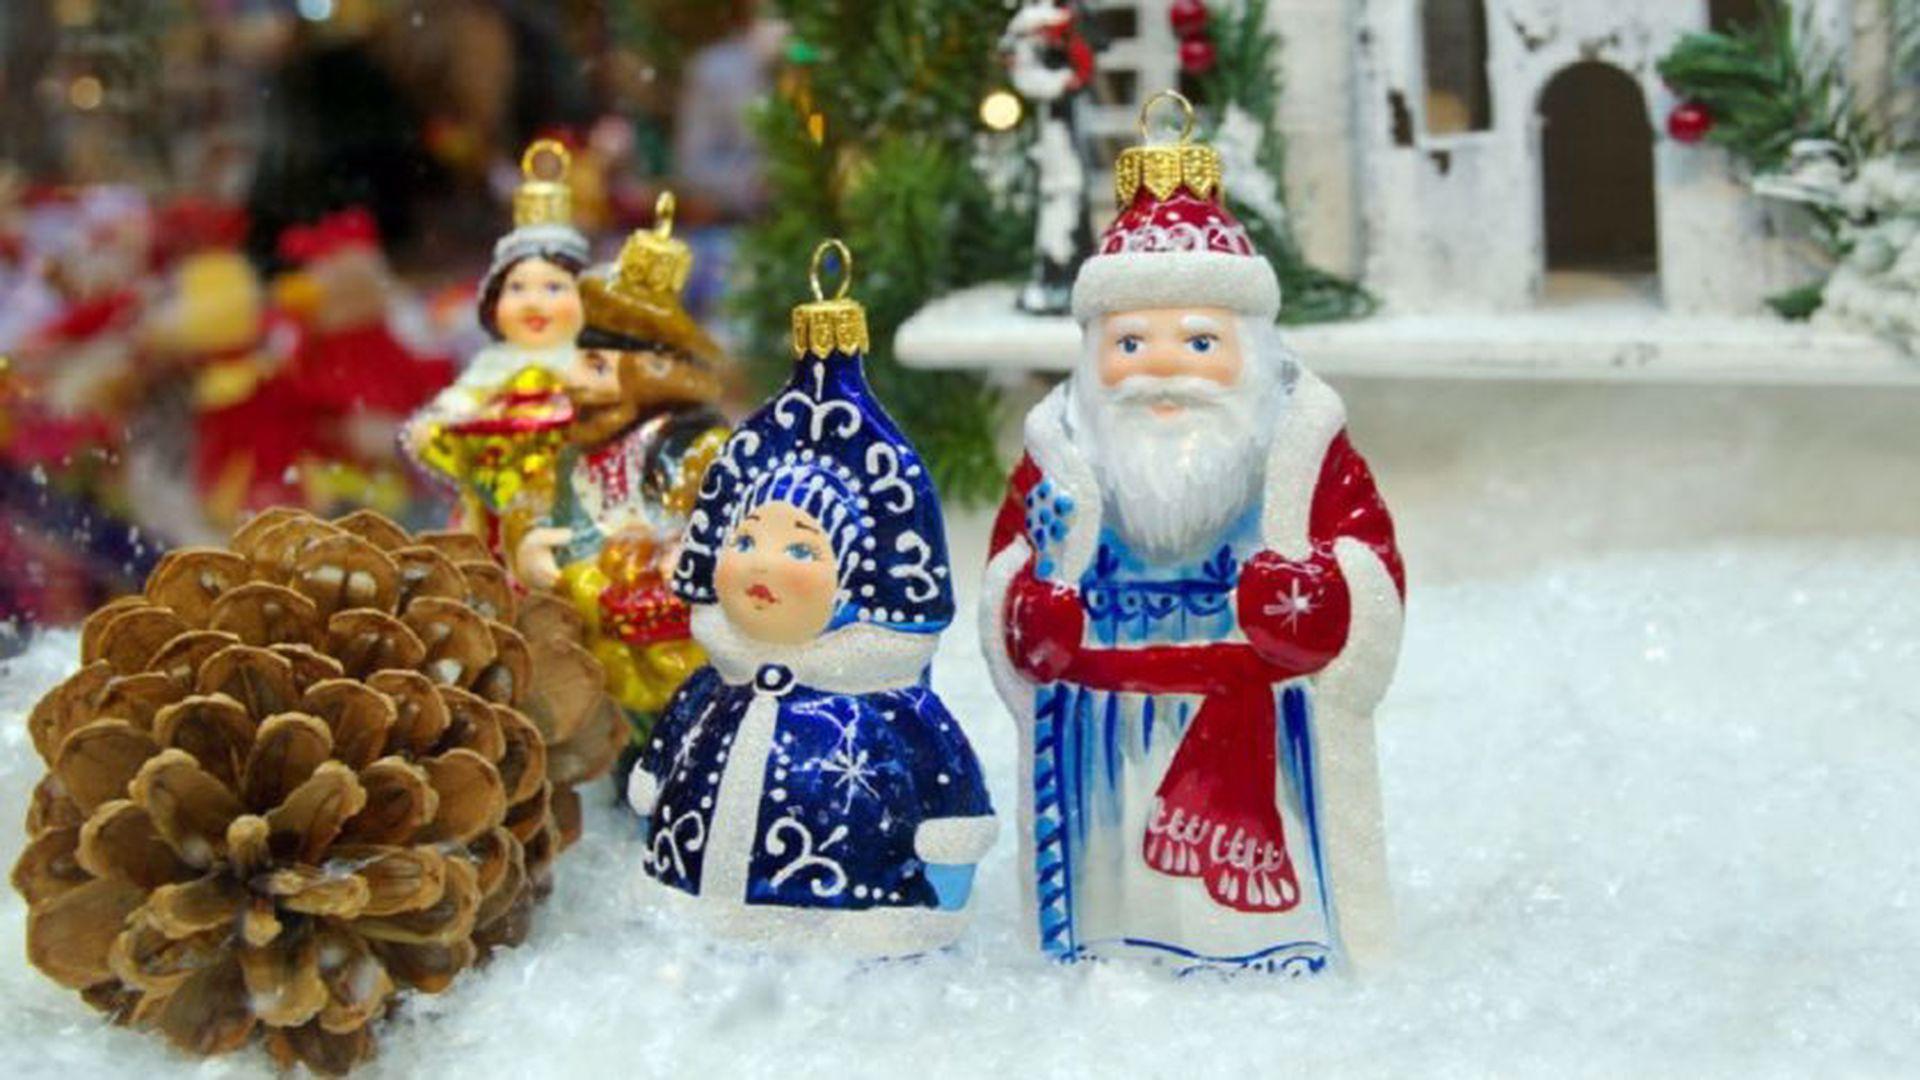 Tradiții și obiceiuri pentru Crăciunul pe rit vechi. Ce trebuie să faci pentru a avea noroc